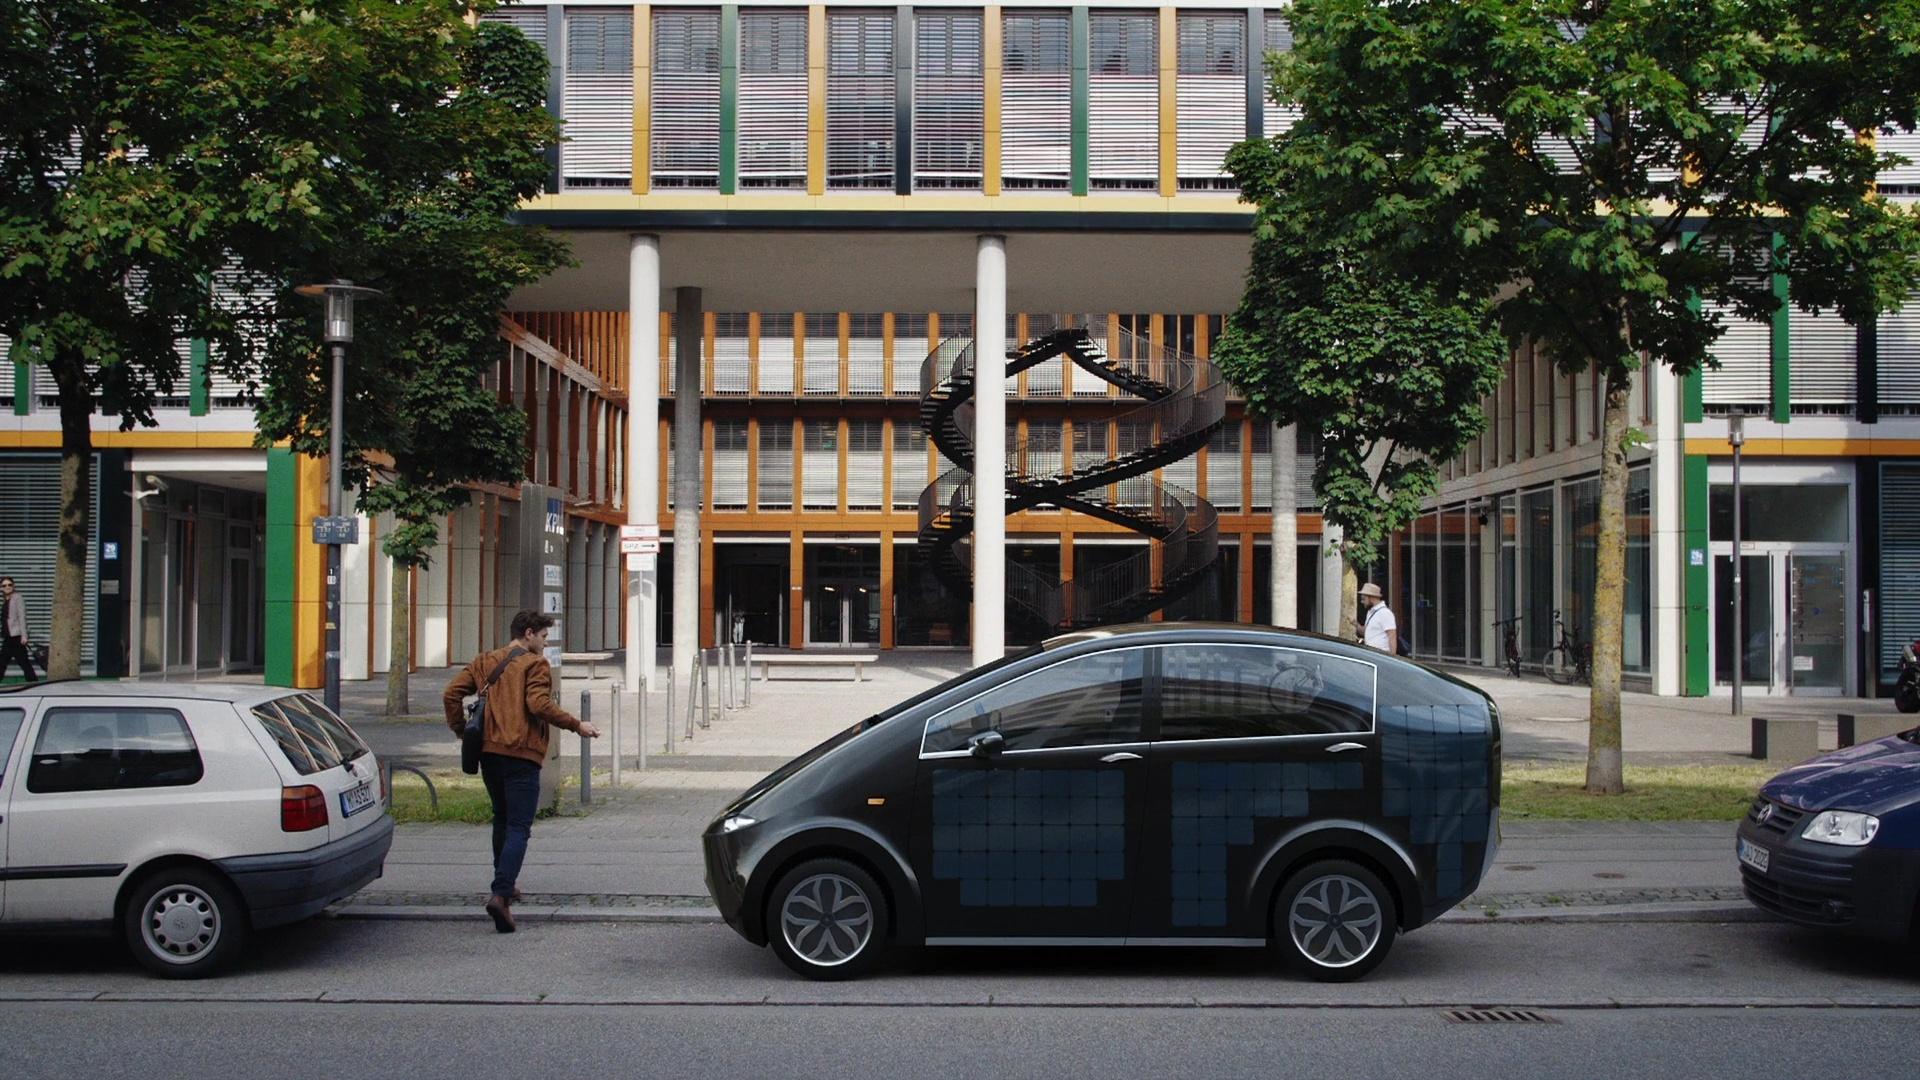 Solarzellen, lebendes Moos und lizenzfreie Ersatzteile: Der Sion könnte die Zukunft der Elektromobilität sein.